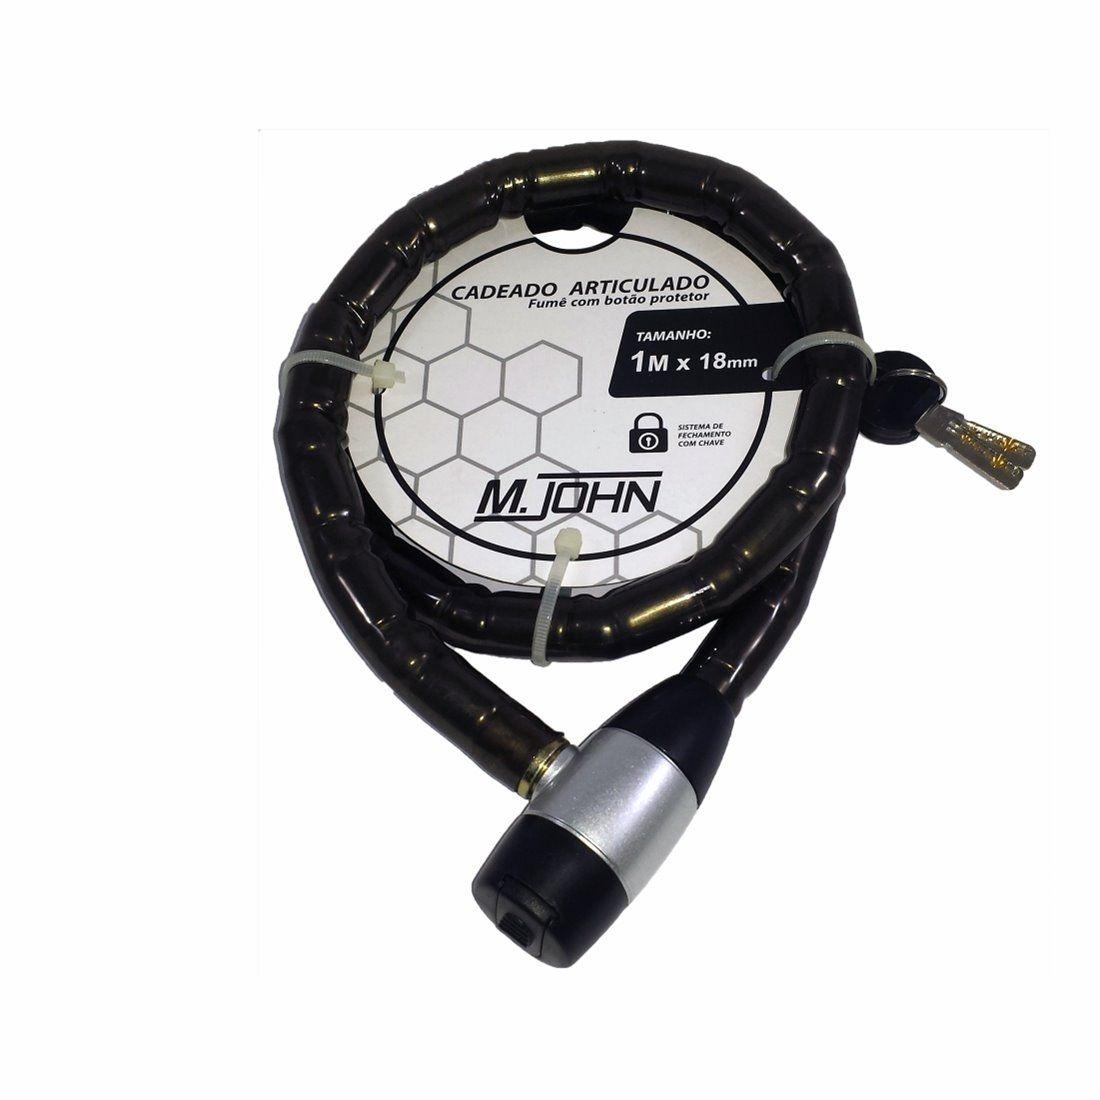 Cadeado Articulado M John 1,5Mx18 c/chave e botão protetor